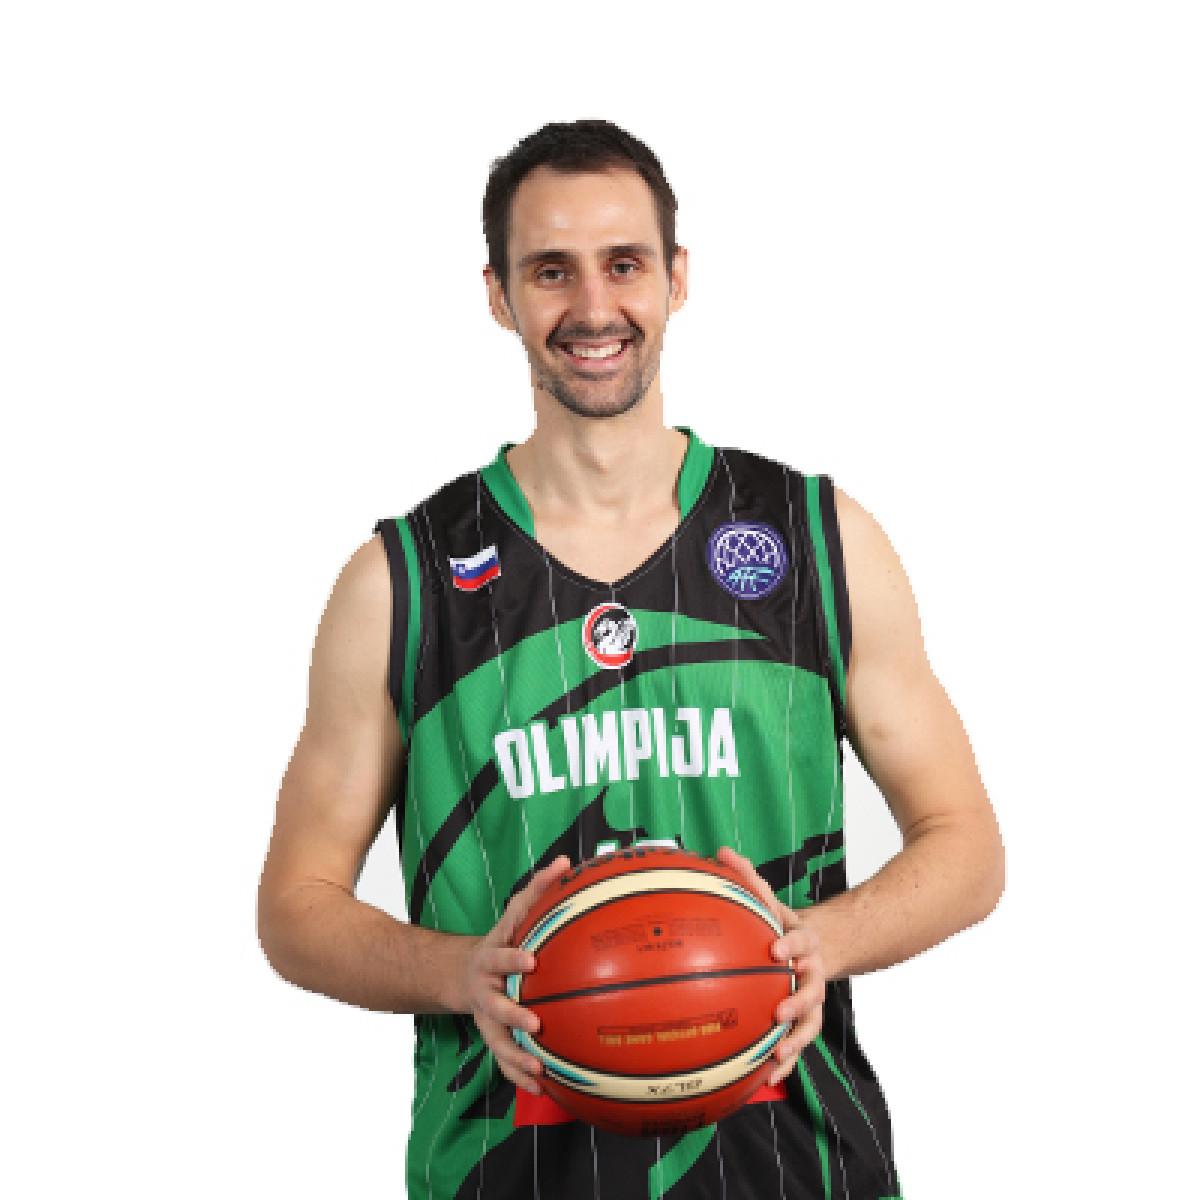 Photo of Domen Lorbek, 2018-2019 season